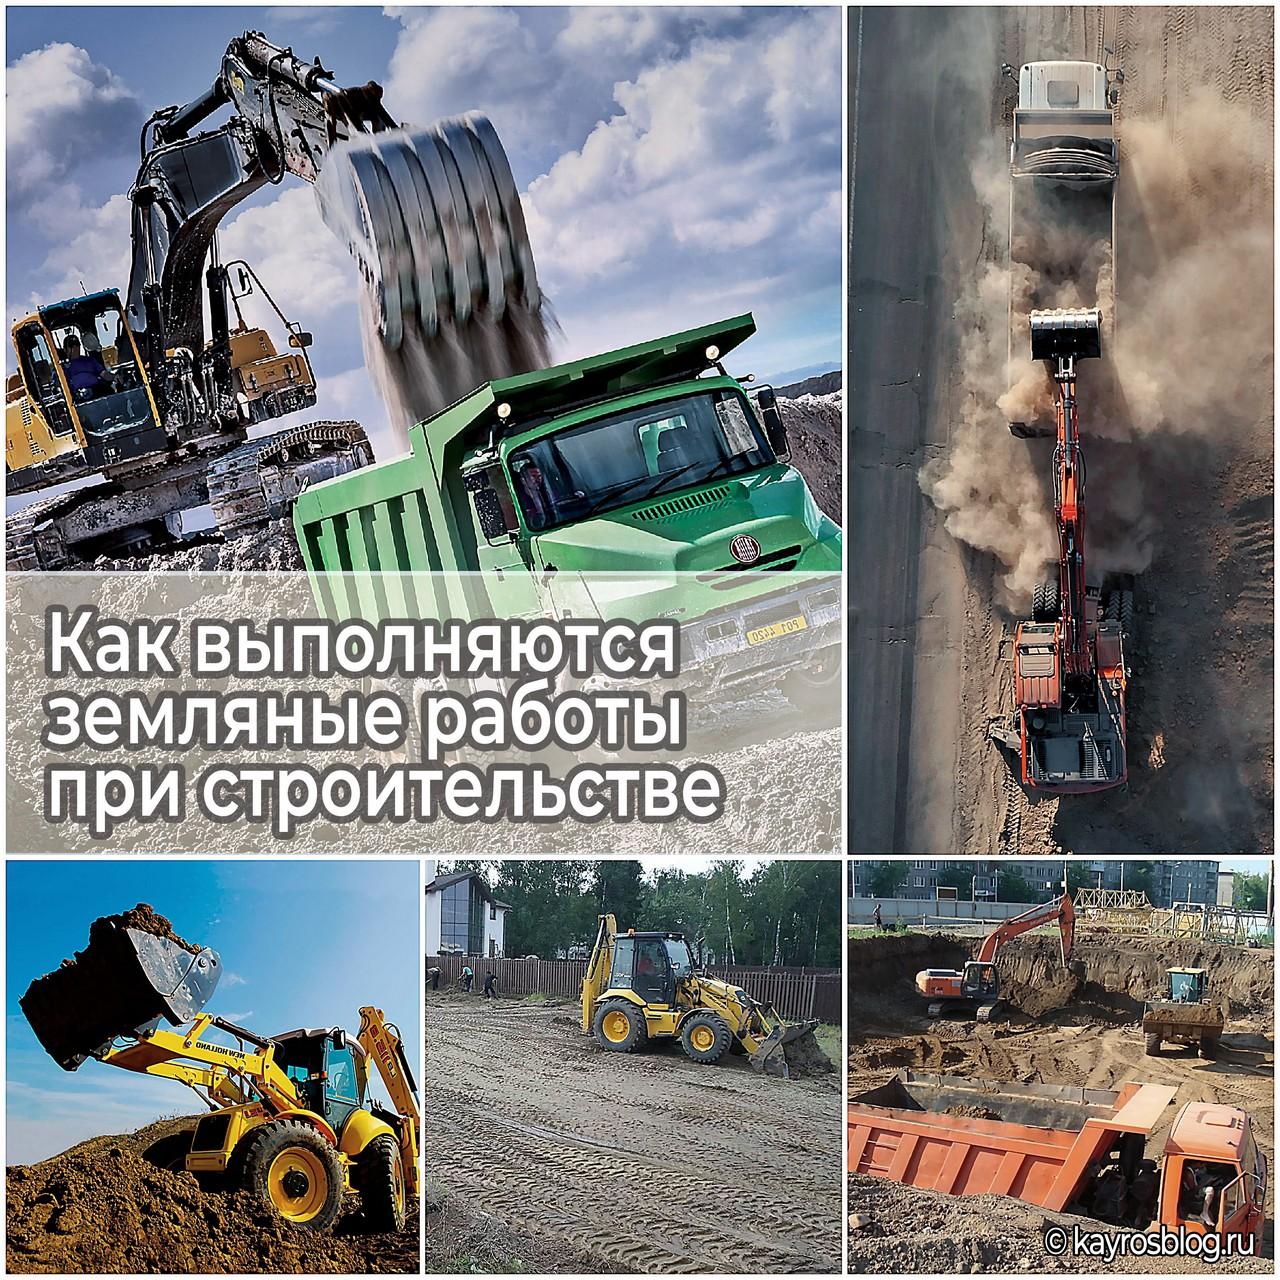 Как выполняются земляные работы при строительстве